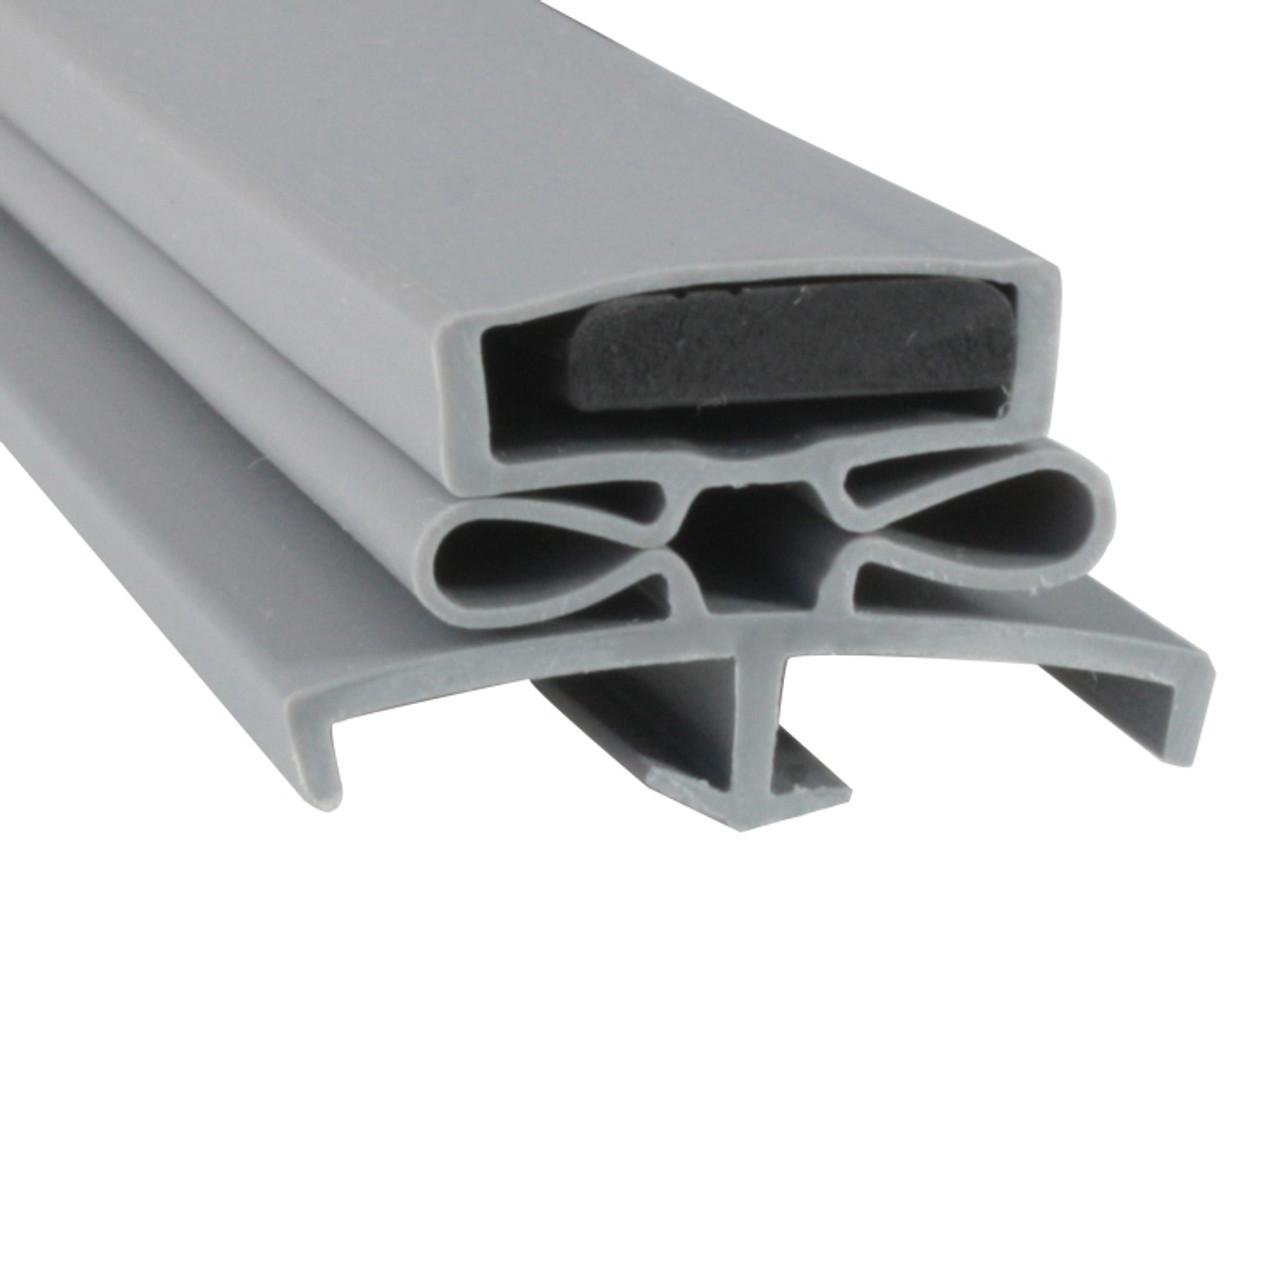 Glenco Door Gasket Profile 166 24 1/2 x 26 1/2 -1